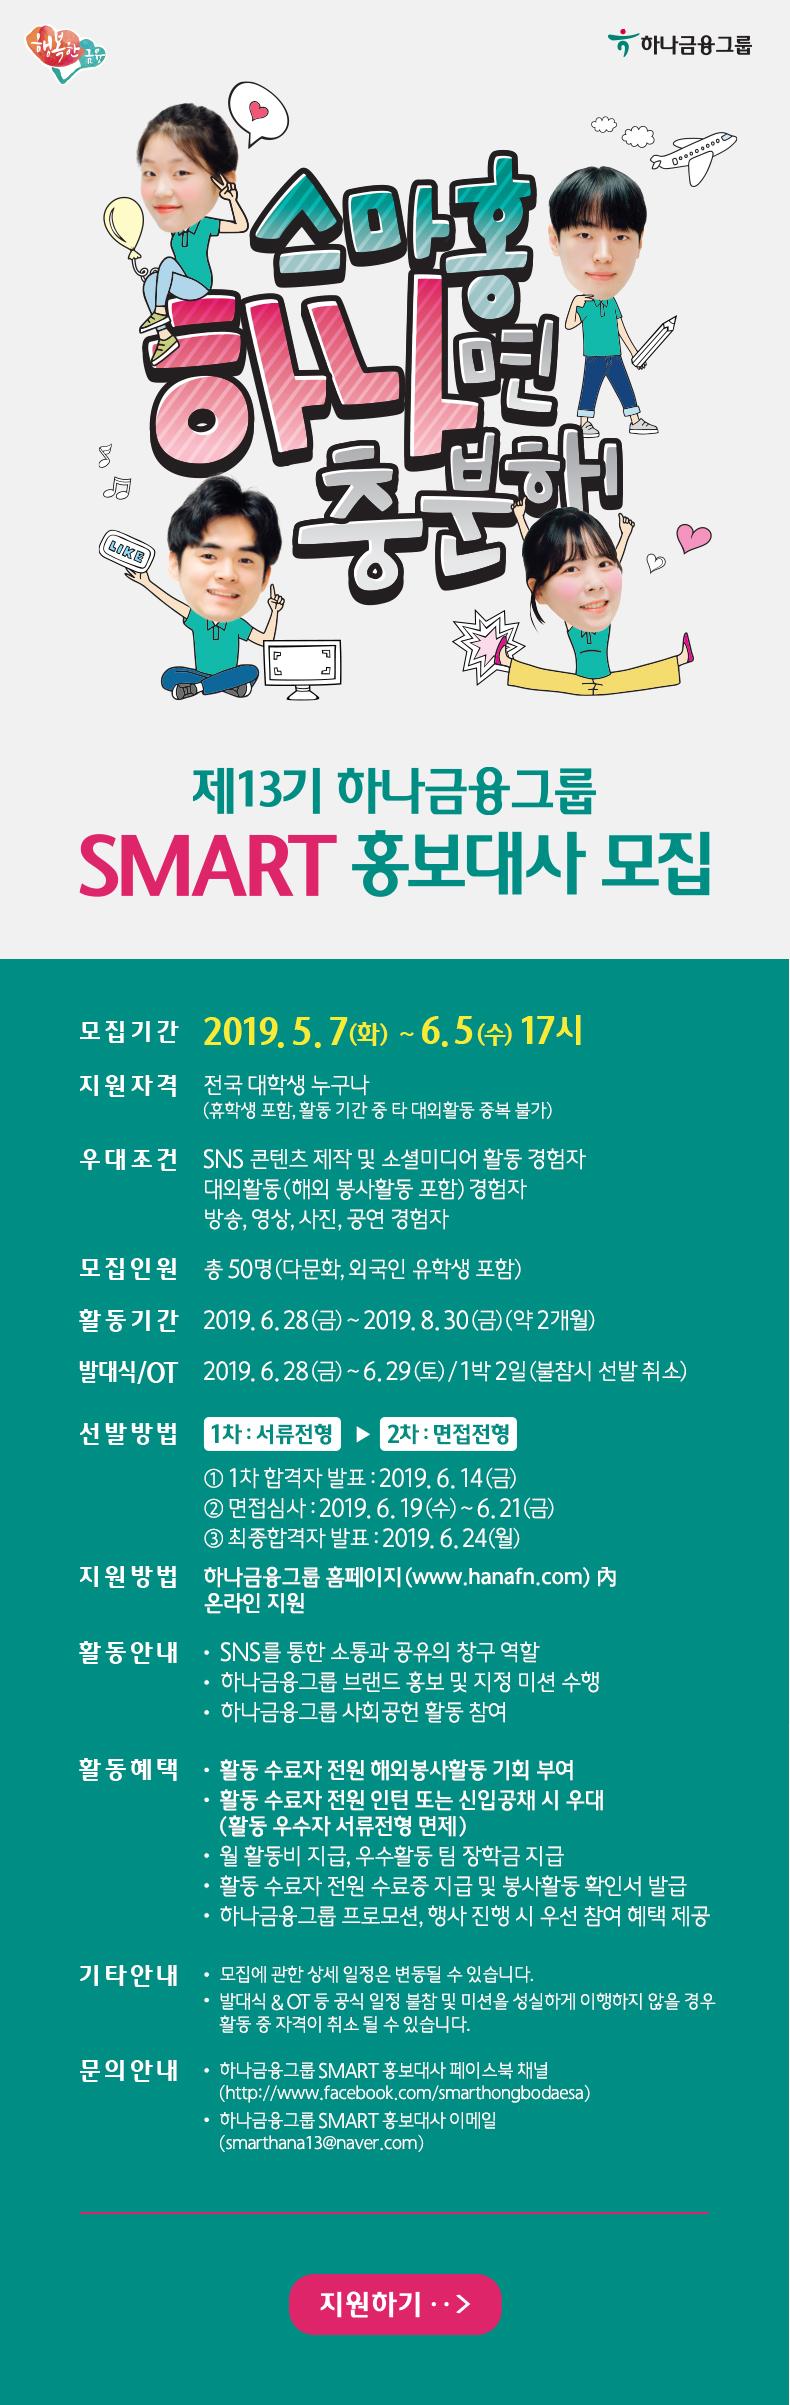 제13기 하나금융그룹 SMART홍보대사 모집